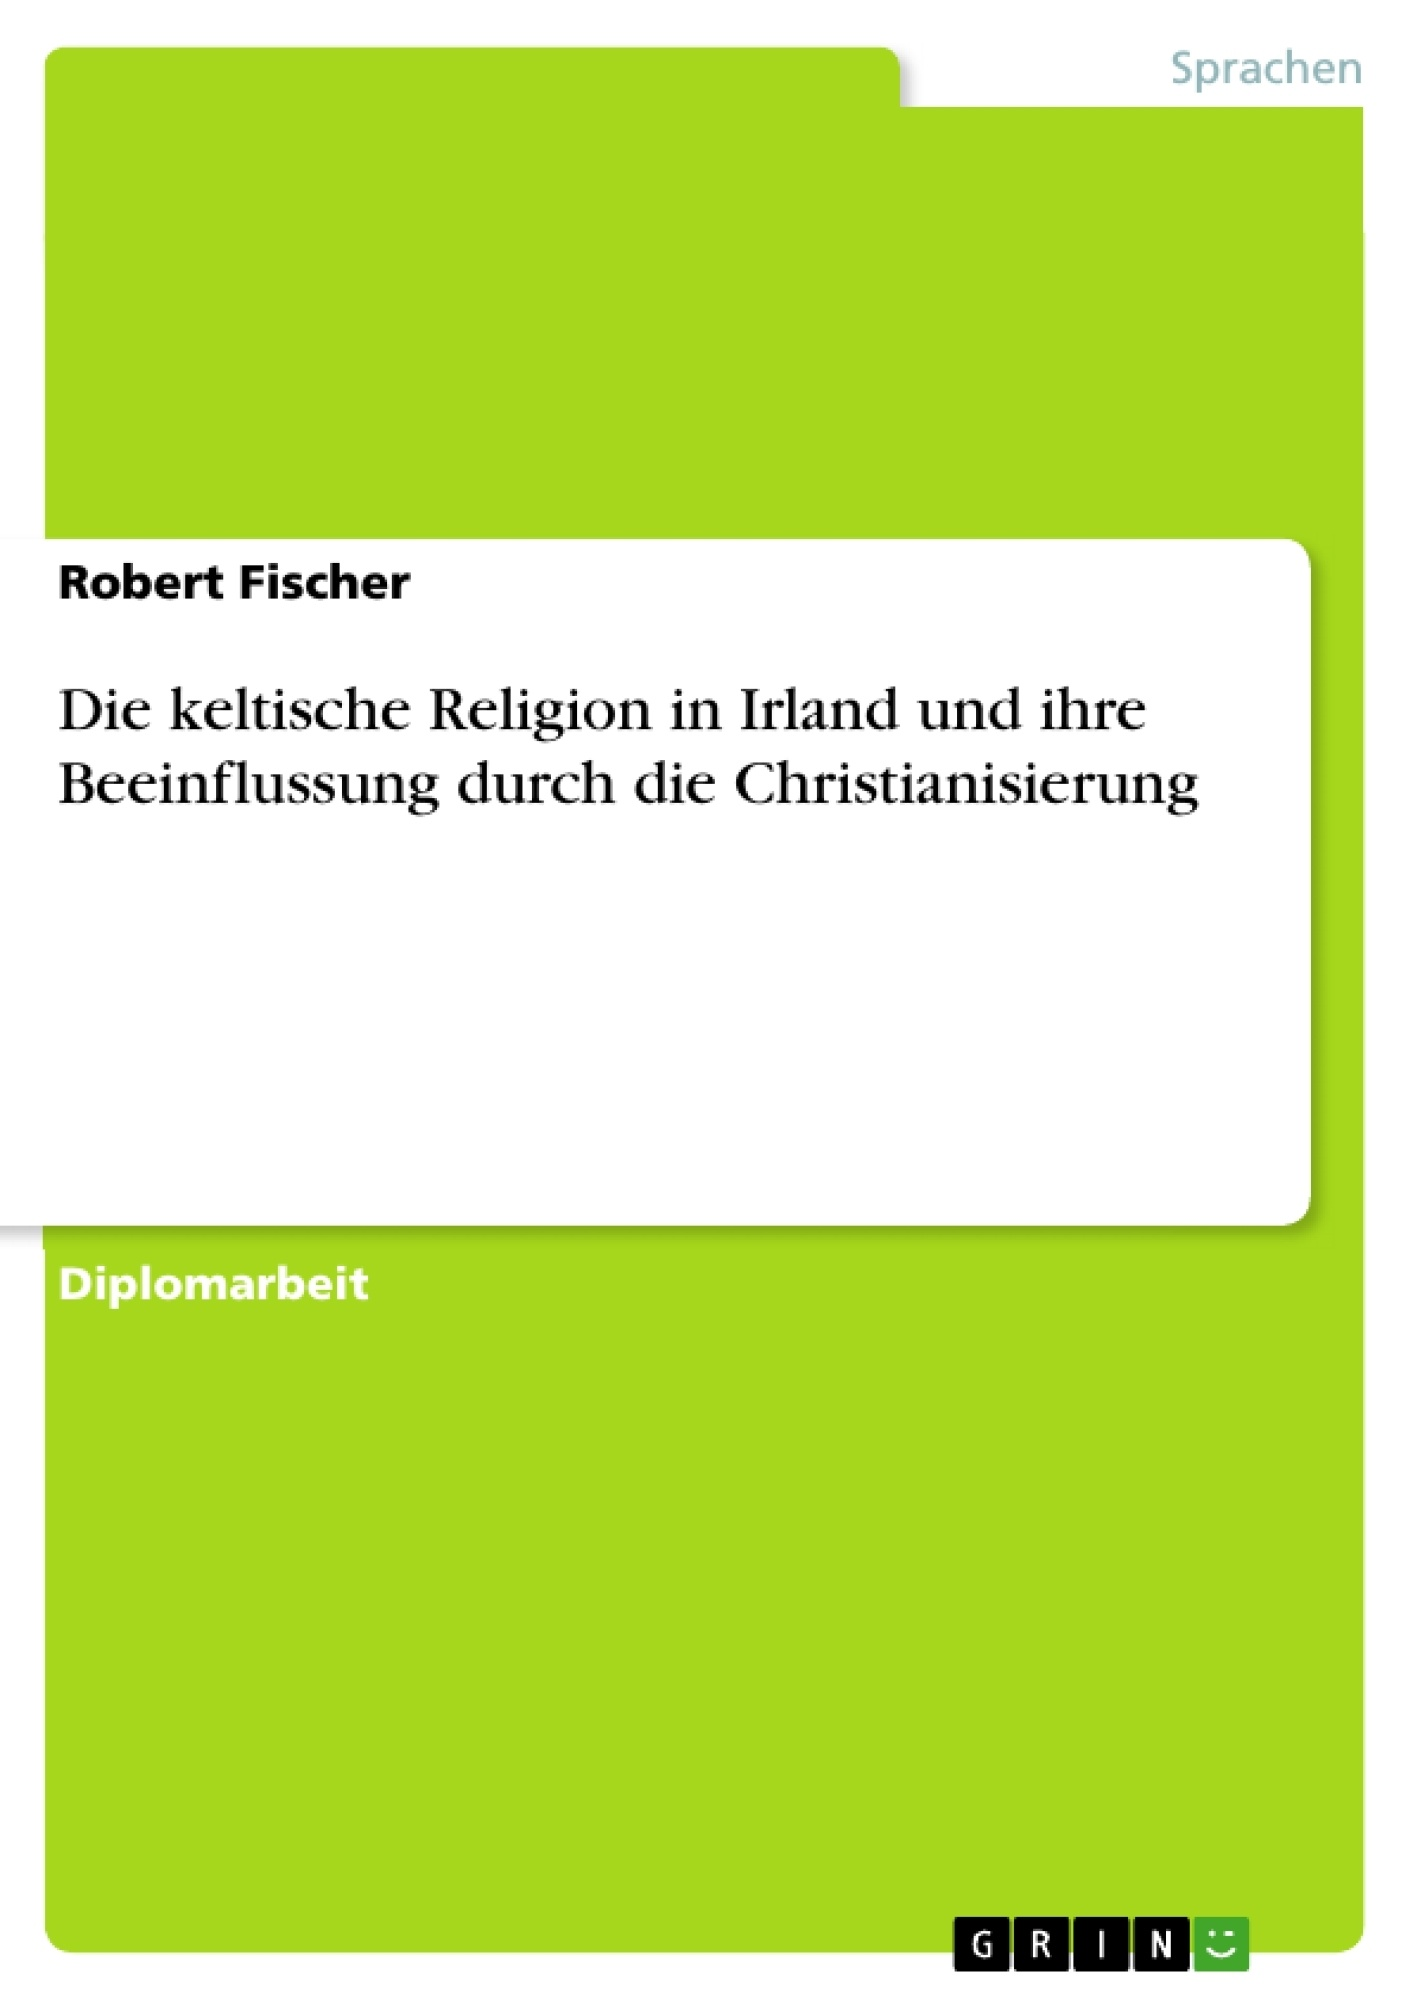 Titel: Die keltische Religion in Irland und ihre Beeinflussung durch die Christianisierung